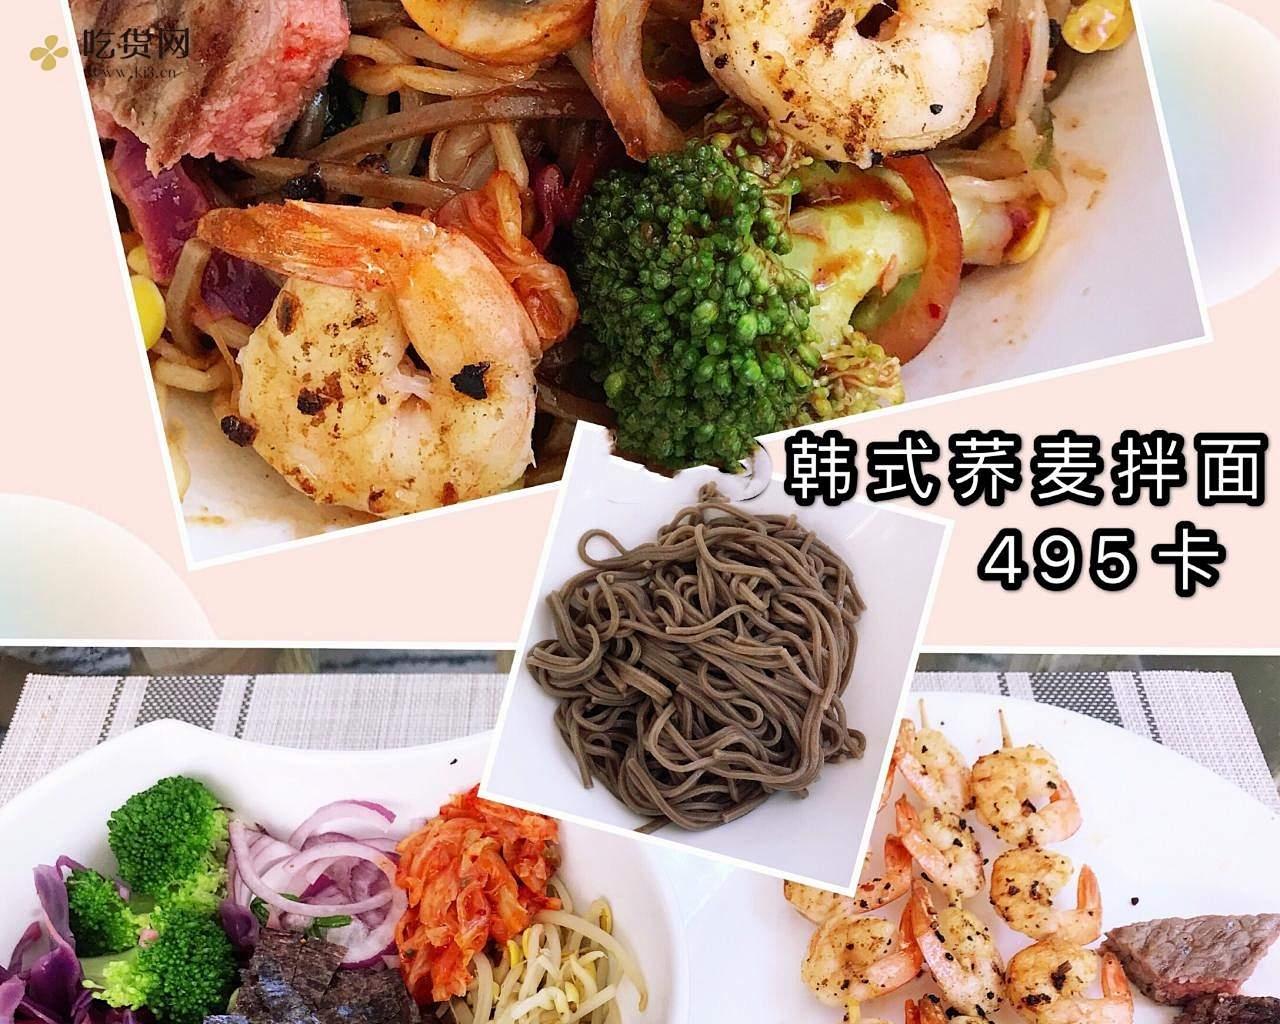 清爽开胃韩式拌饭(健康减脂糙米)拌凉面(荞麦面)的做法 步骤9